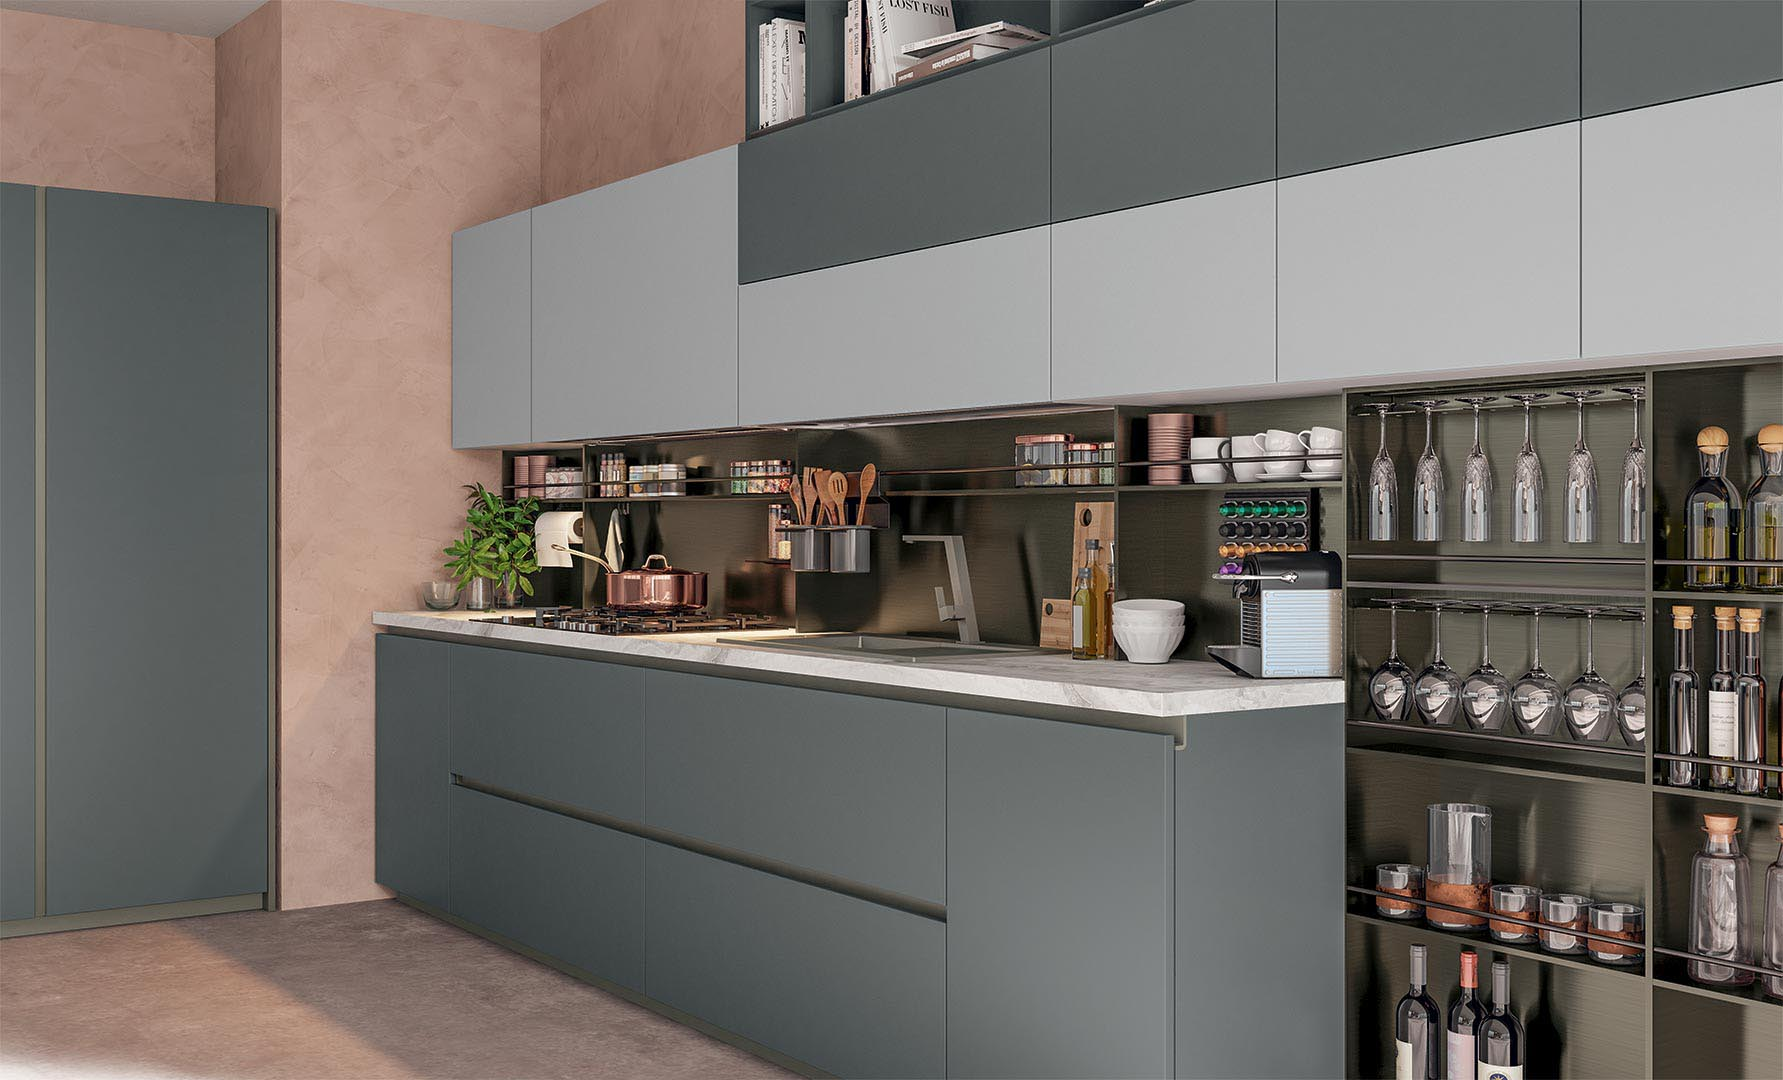 Cucina Immagina Lube.Immagina Plus Cucine Moderne Cucine Lube